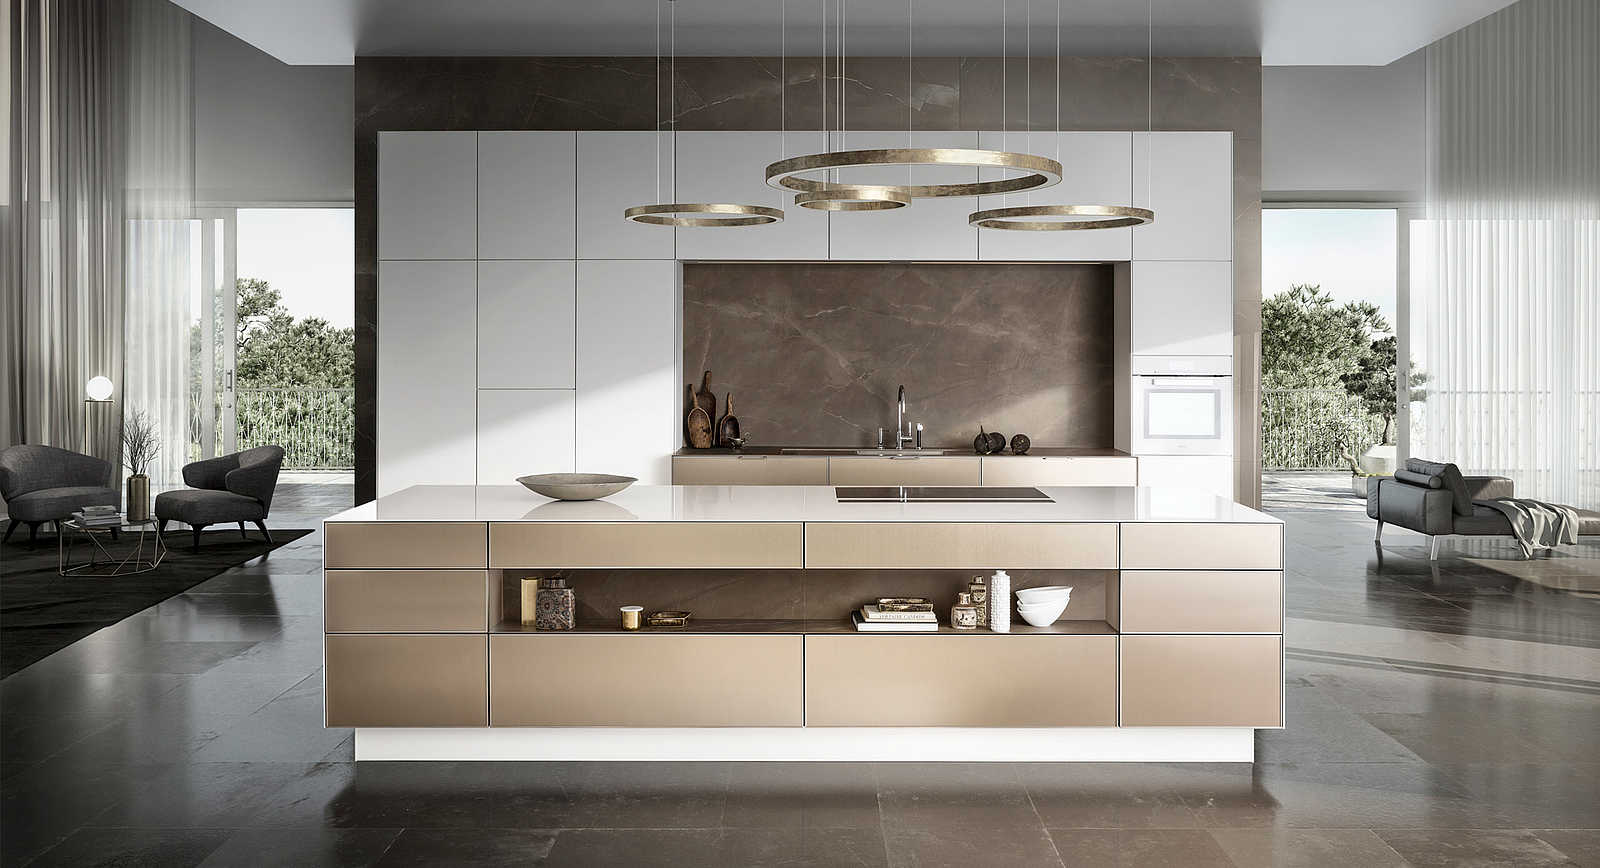 Großartig Küchengalerie Wilmington De Fotos - Ideen Für Die Küche ...